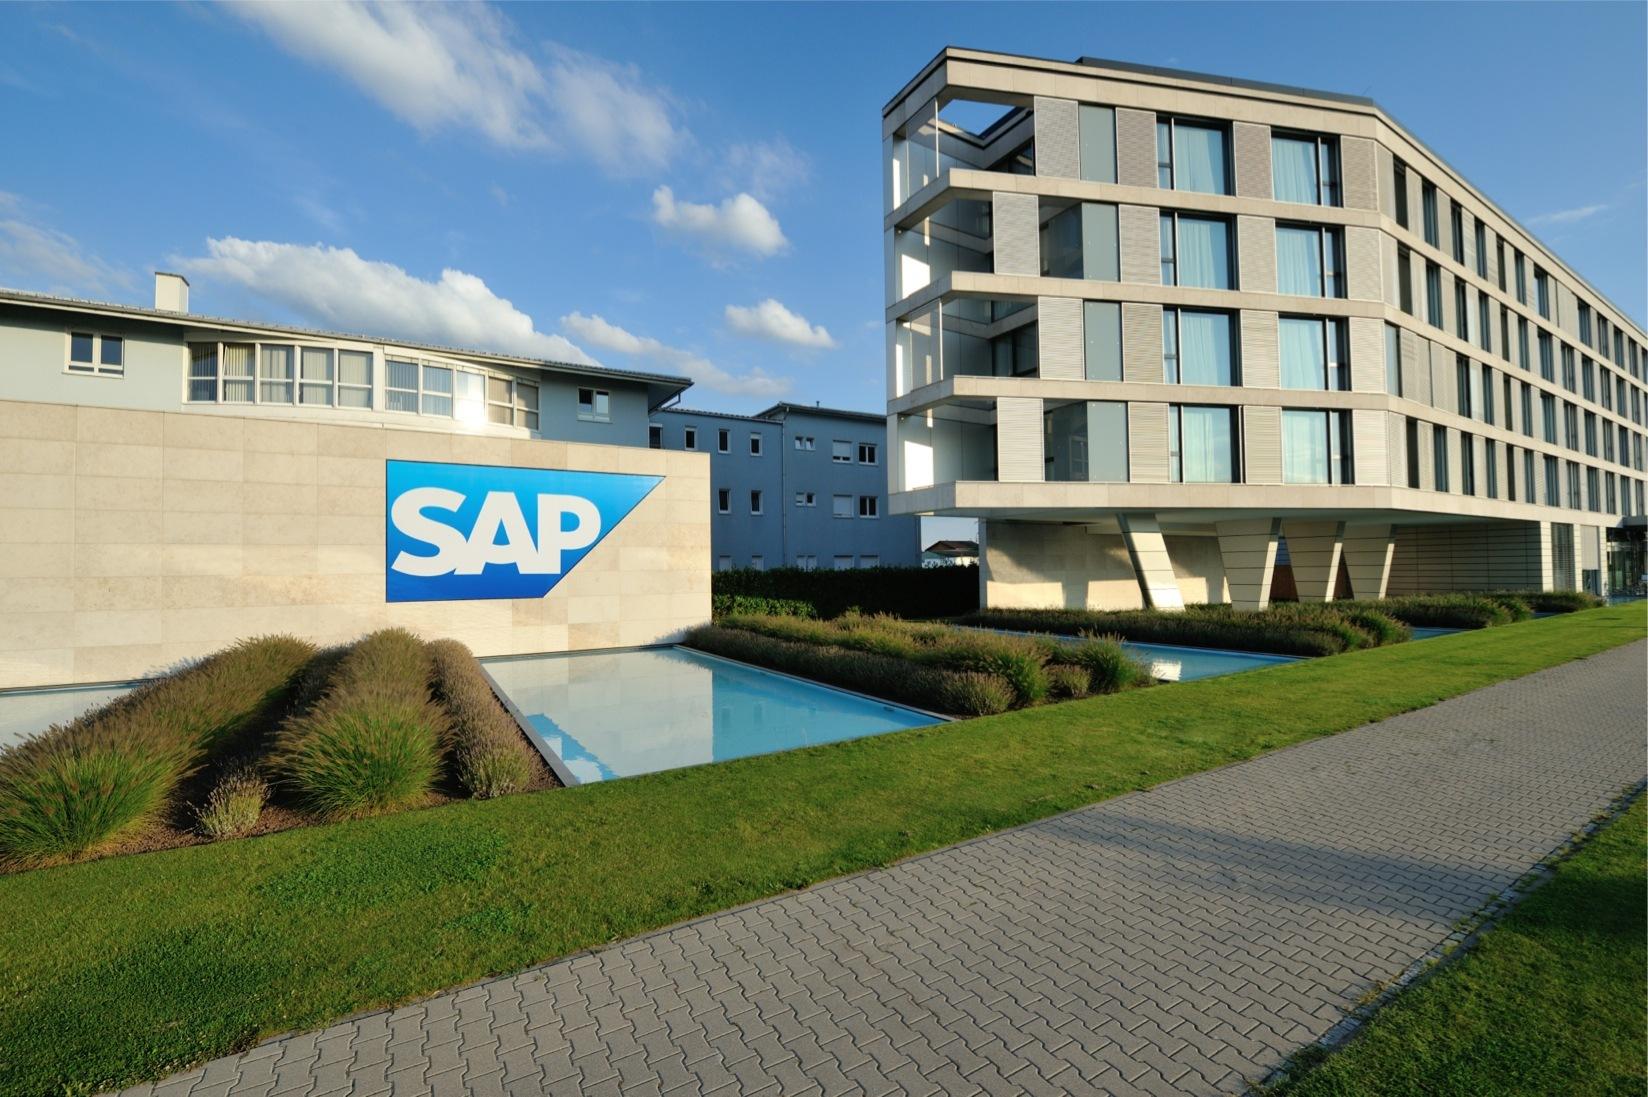 Mit einem Umsatz von 16,8 Milliarden Euro im Jahr 2013 liegt SAP unangefochten auf dem ersten Platz der deutschen Software-Firmen